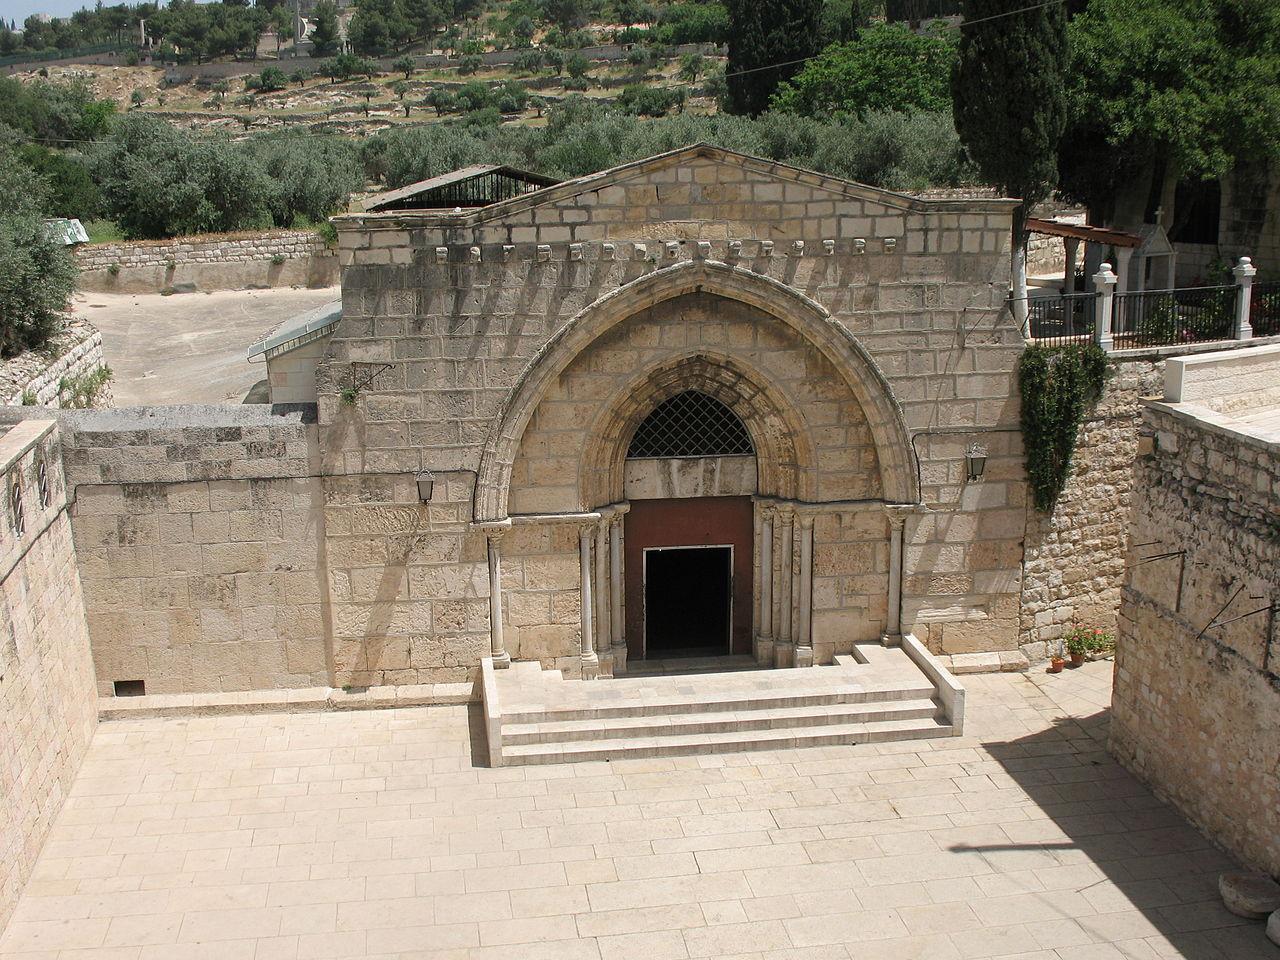 Церковь Успения Пресвятой Богородицы, Иерусалим, Израиль